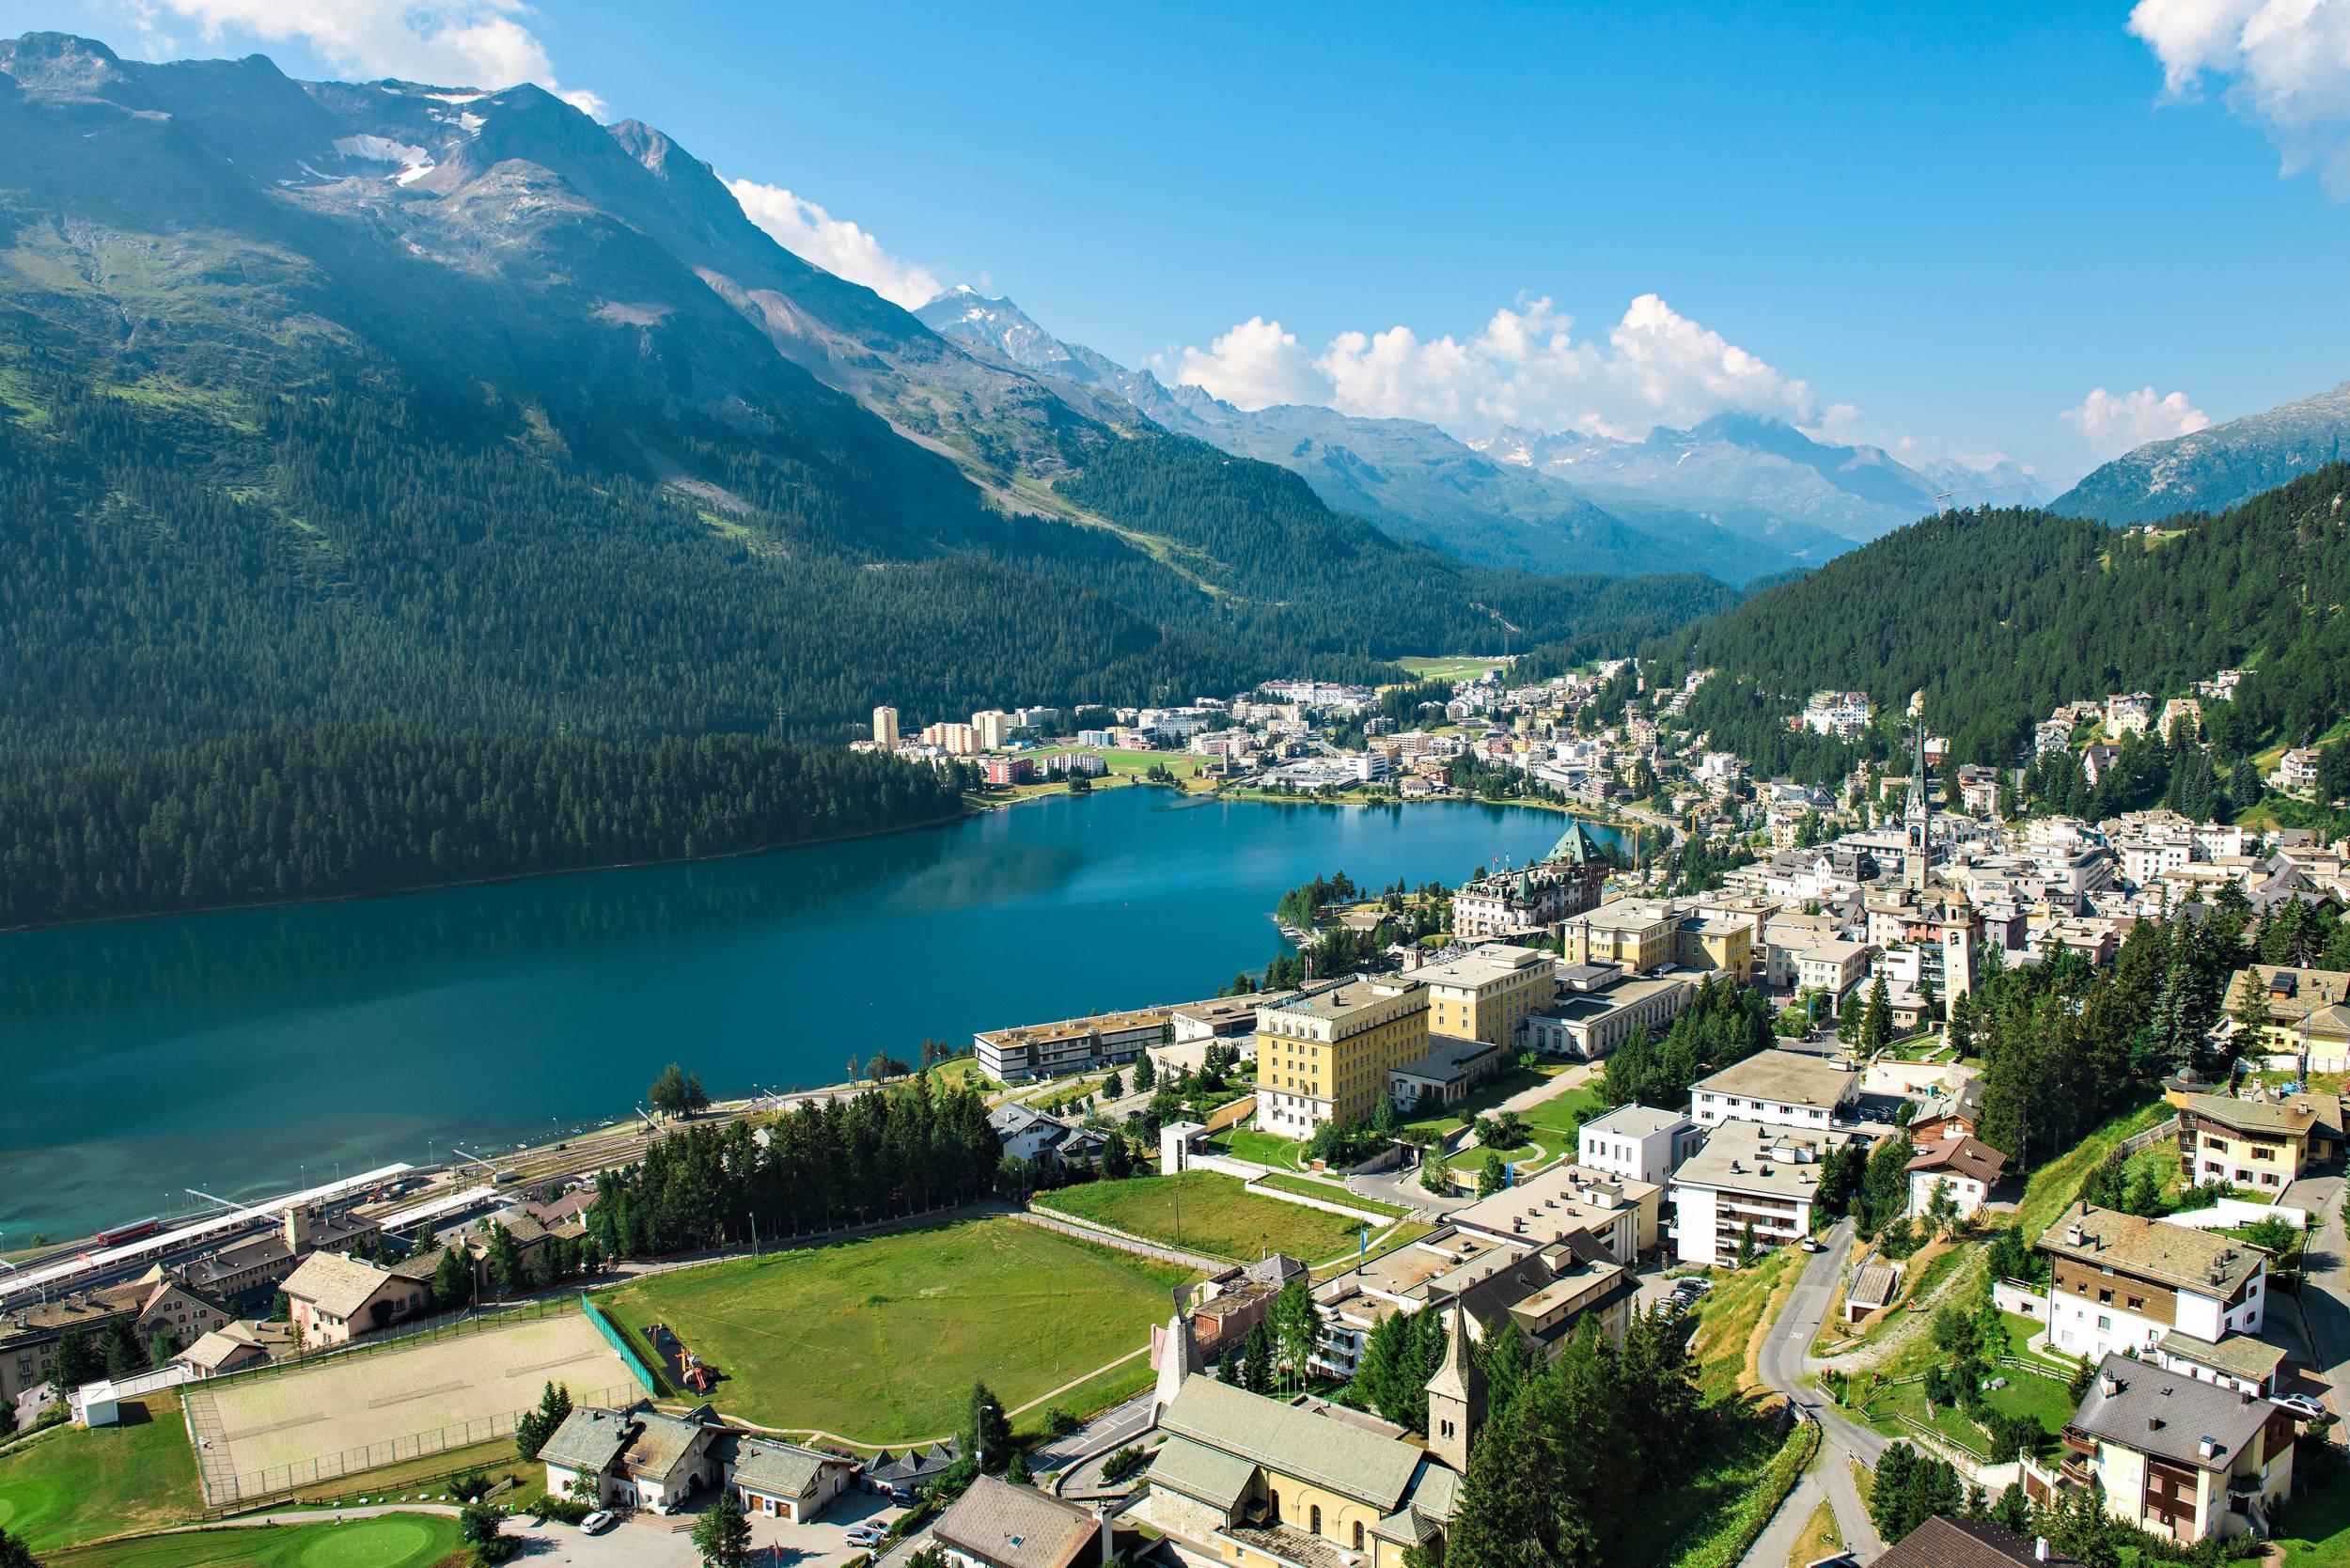 Hotel In St Moritz